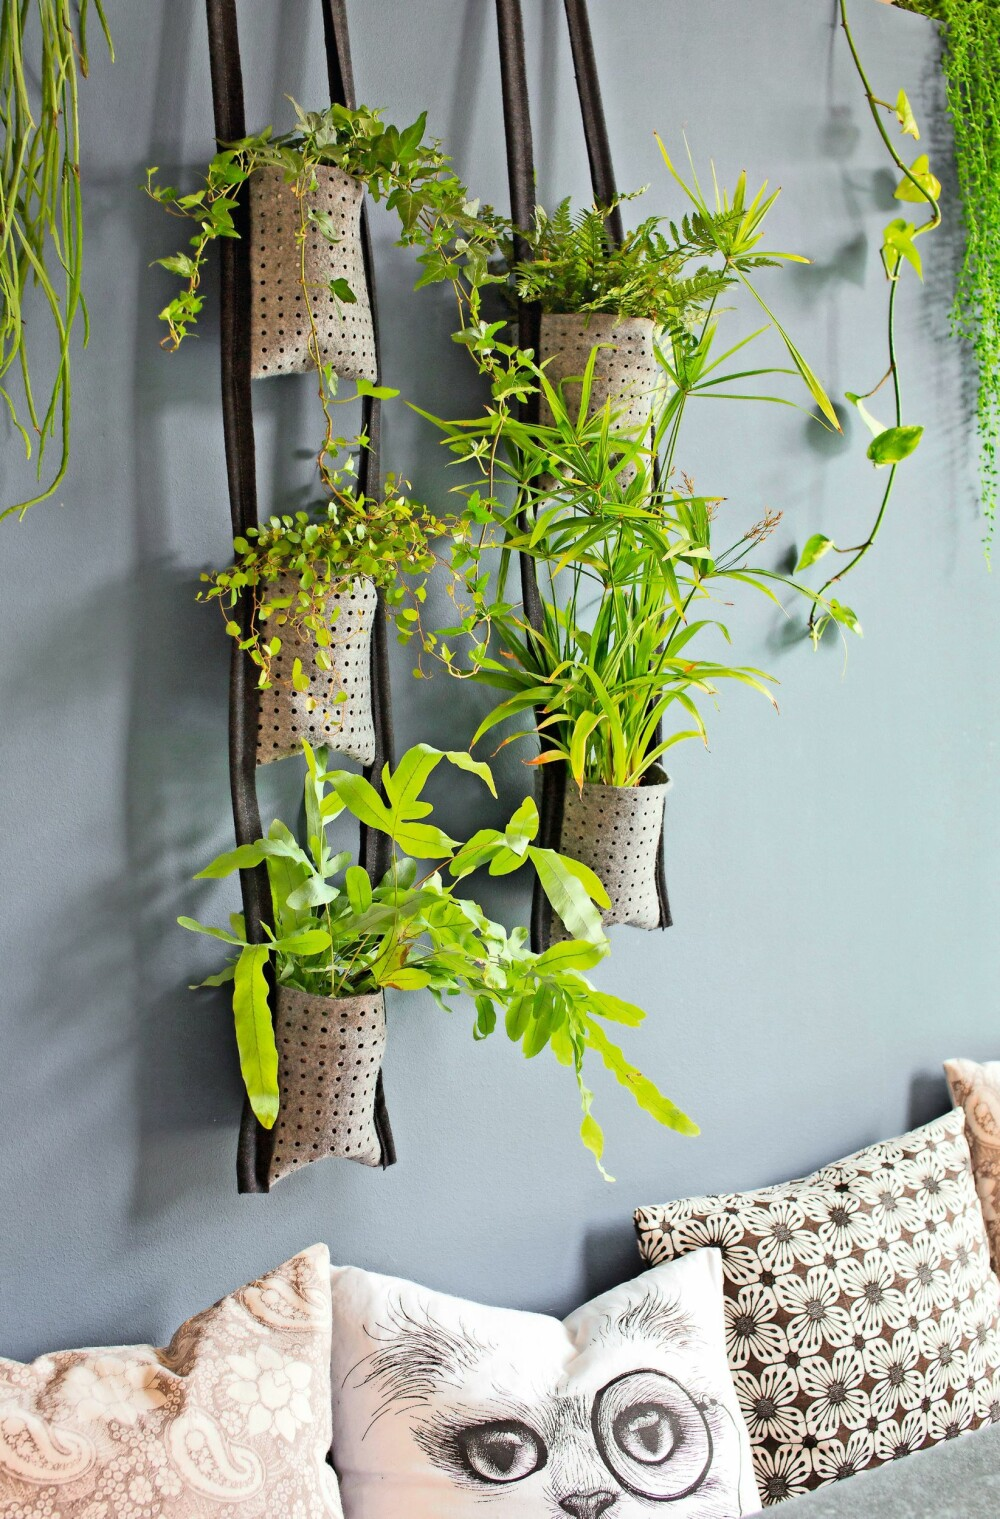 GRØNT: Denne sesongen blir de grønne vekstene å se overalt. Lag fine poser til plantene.